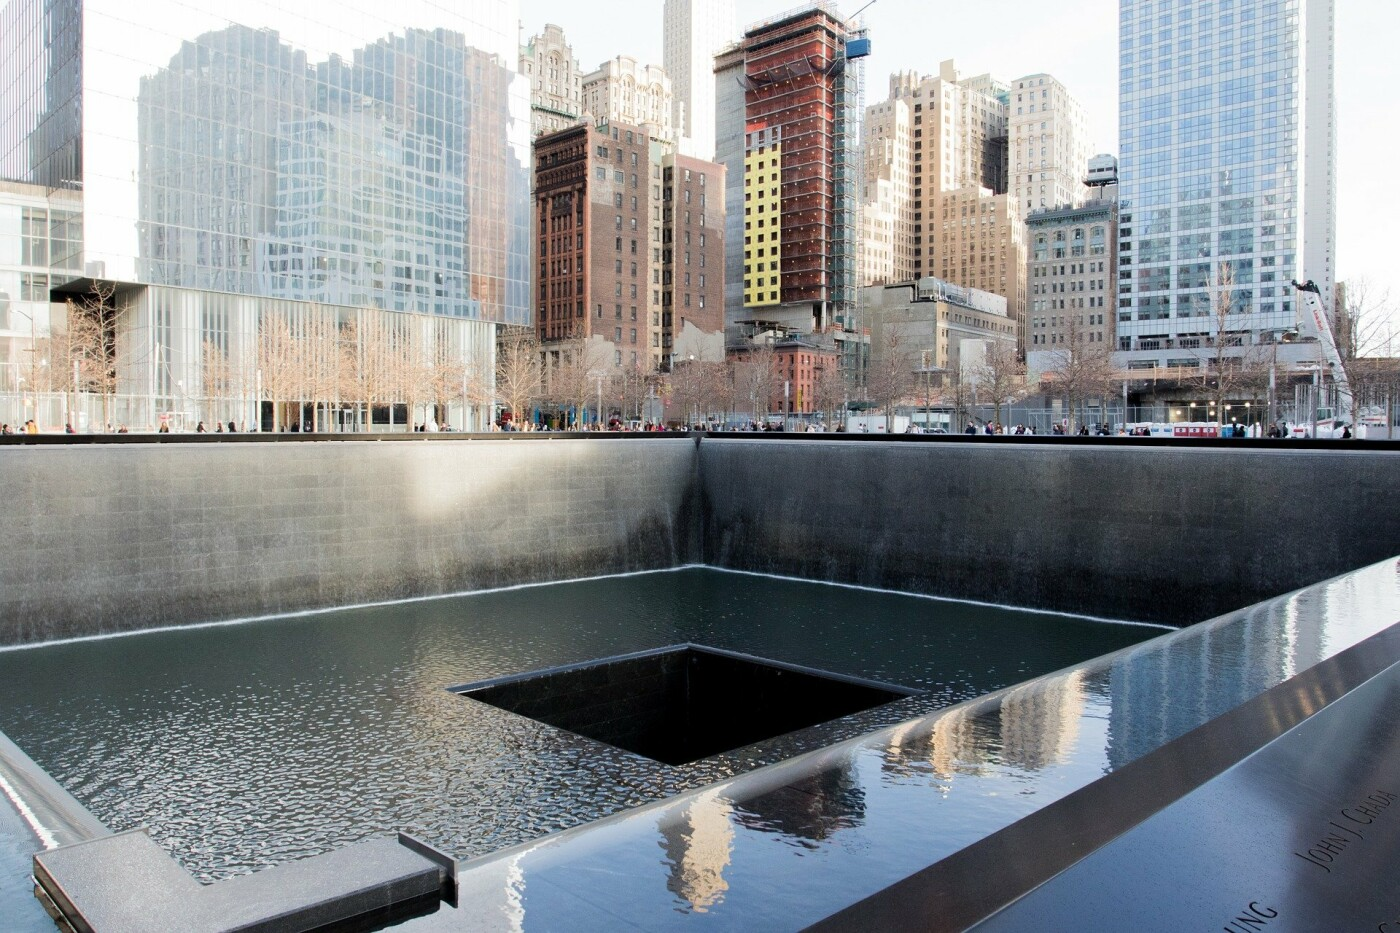 Это очень важная дата для полицейских: казахстанец в Нью-Йорке о том, как американцы вспоминают 11 сентября, фото-2